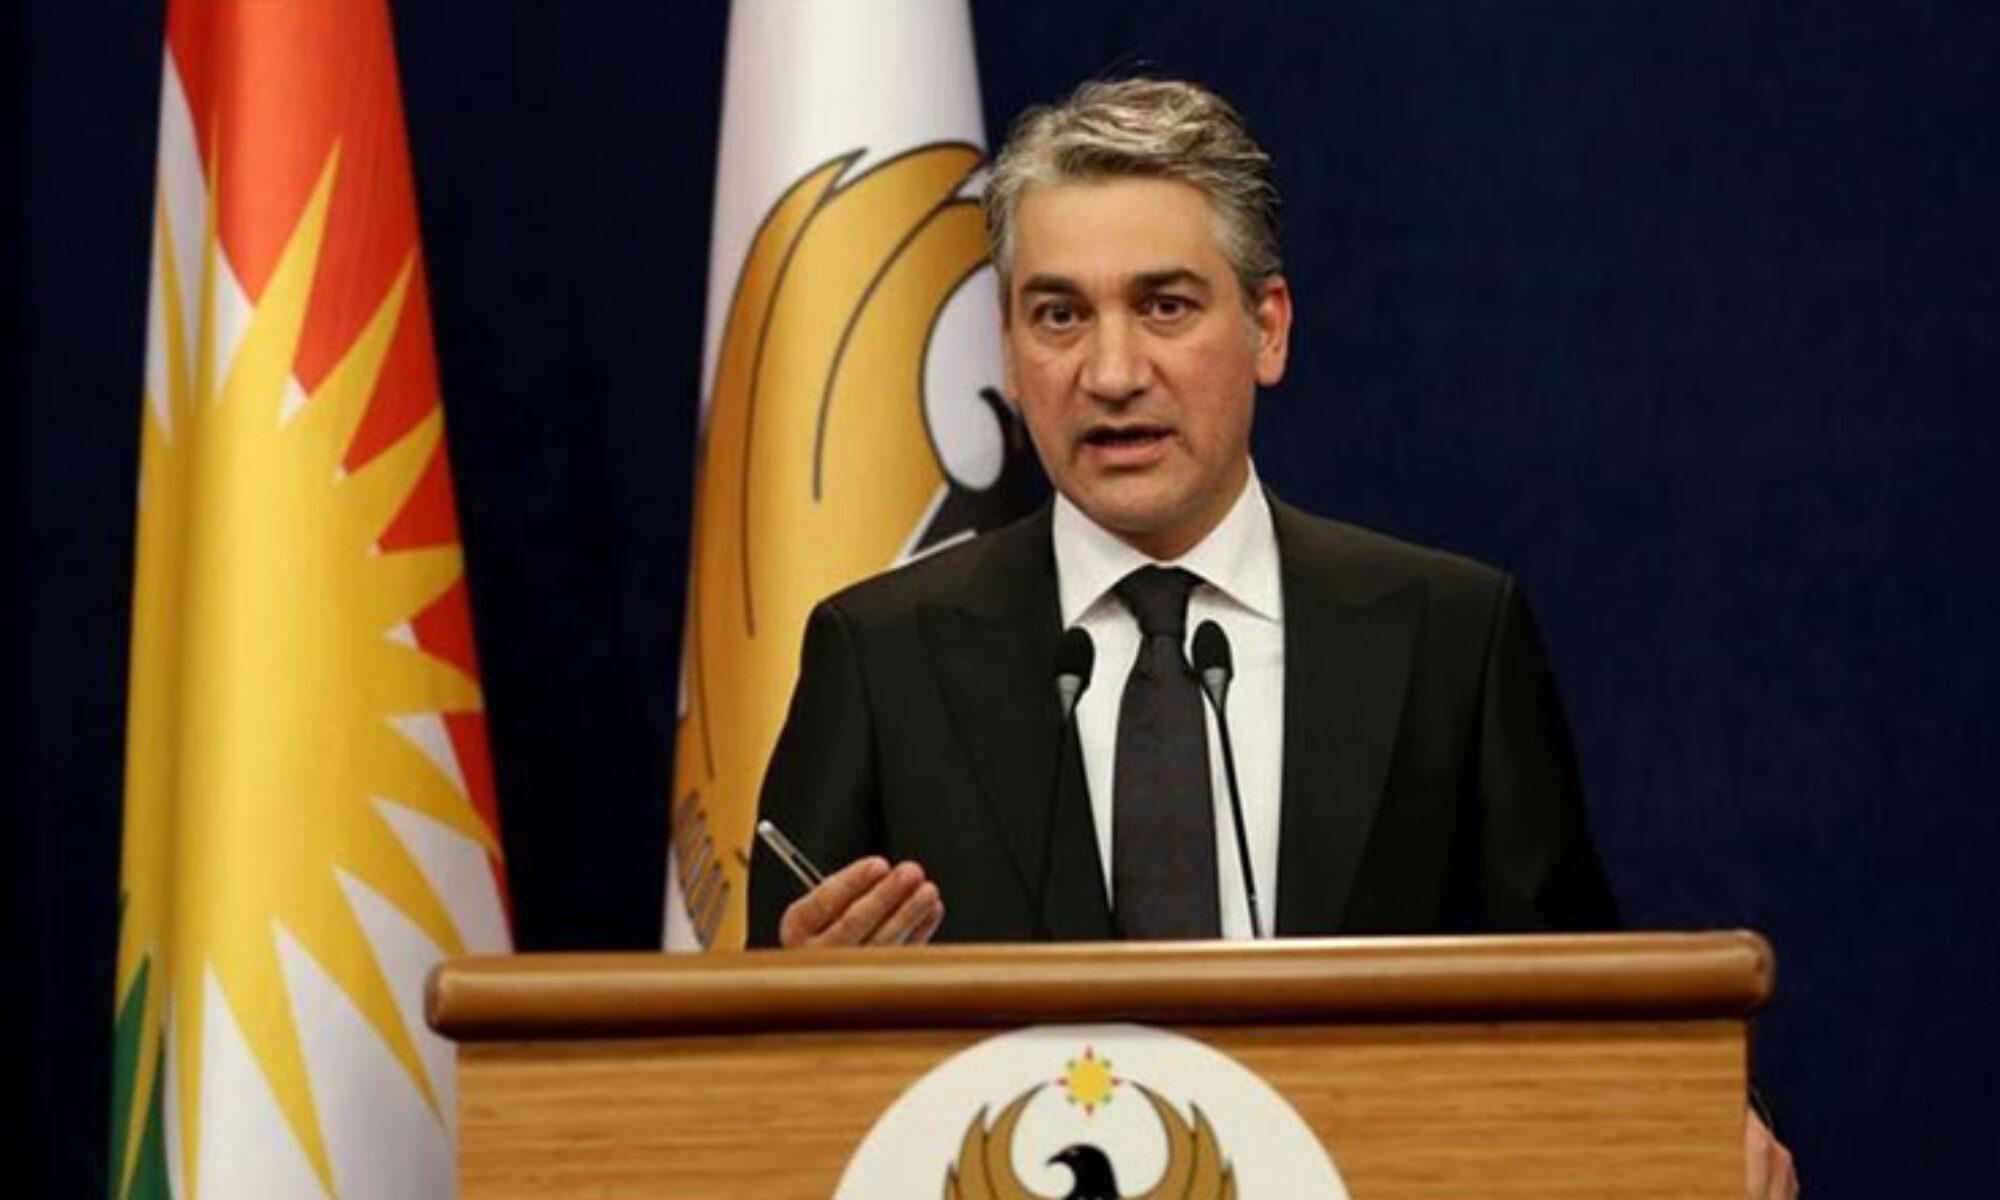 Kürdistan Bölgesi Hükümet Sözcüsü Adil: Türkiye'yi resmi olarak ağaçların kesilmesi konusunda uyardık